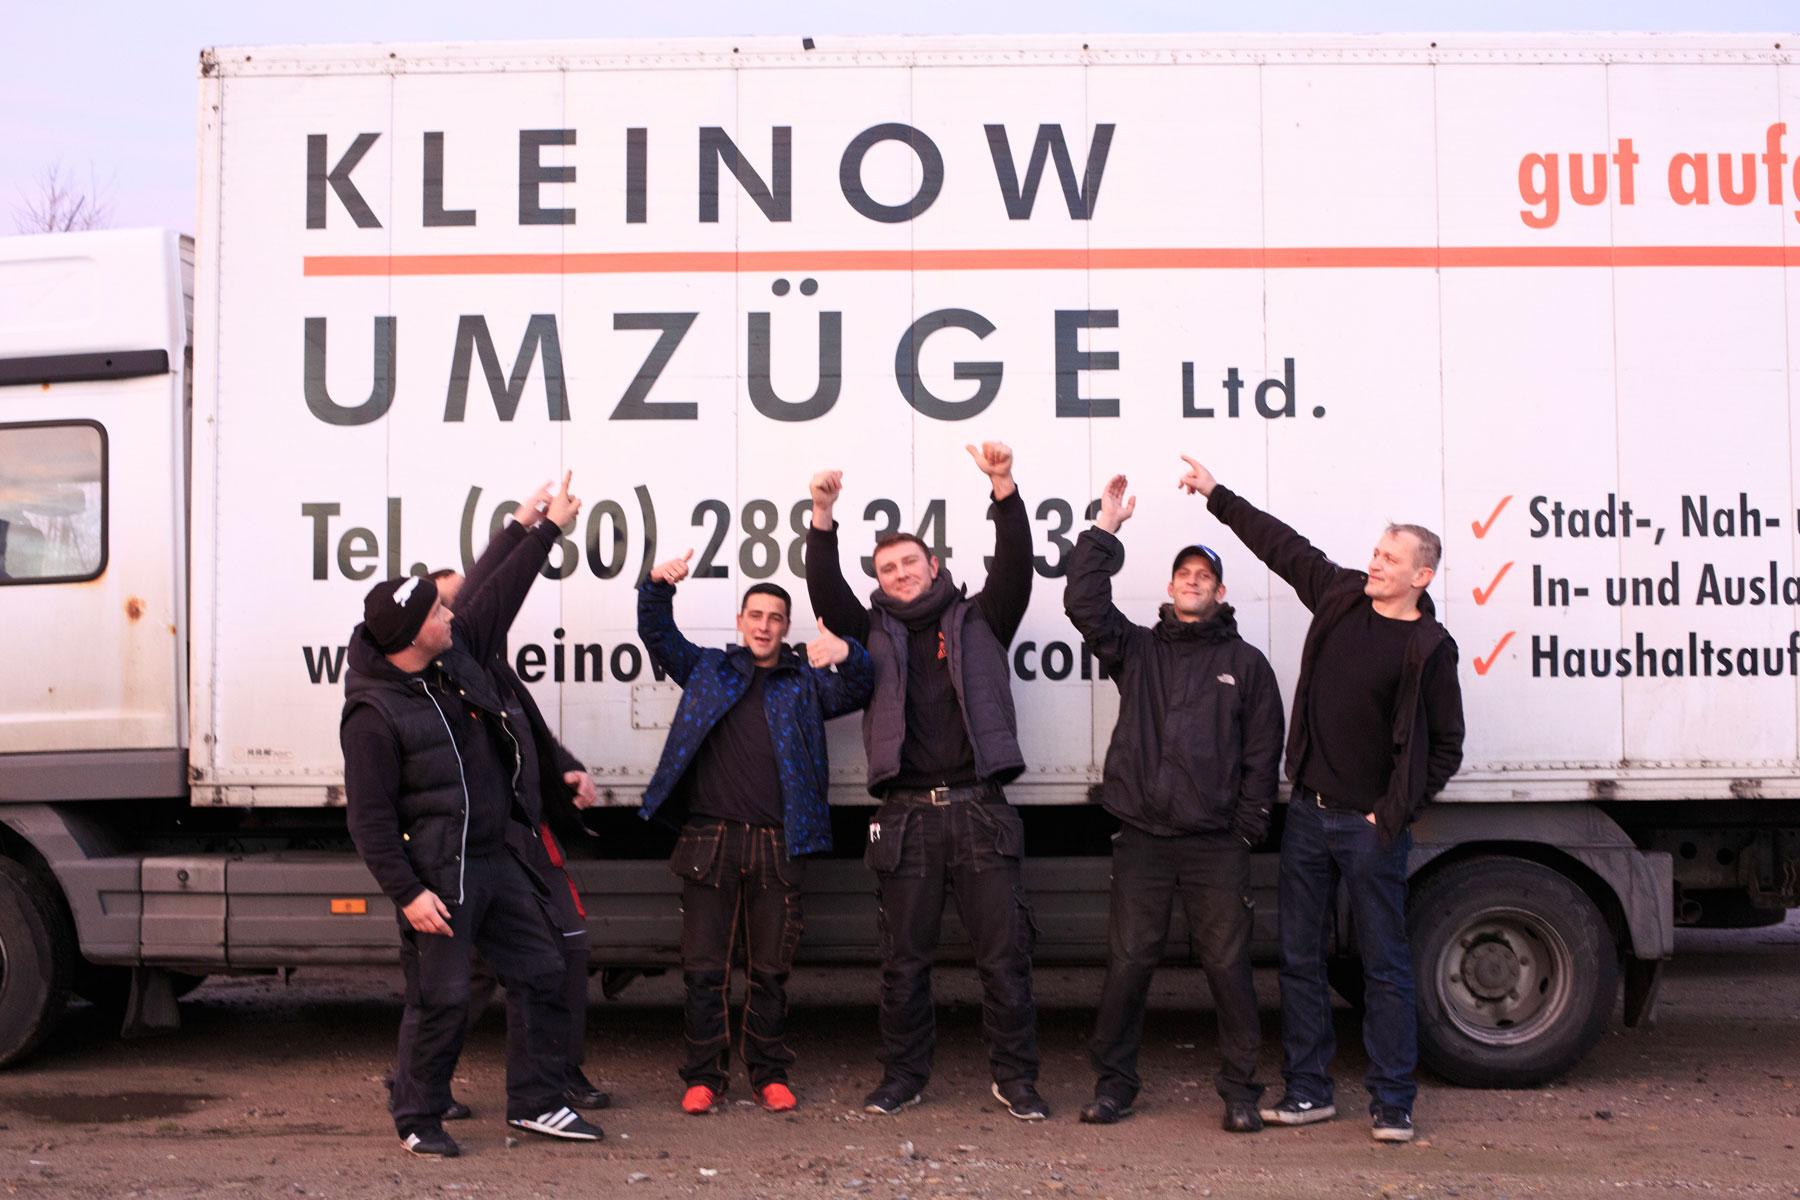 Umzugsfirma Berlin Kleinow Umzüge – Ihre Umzugsprofis